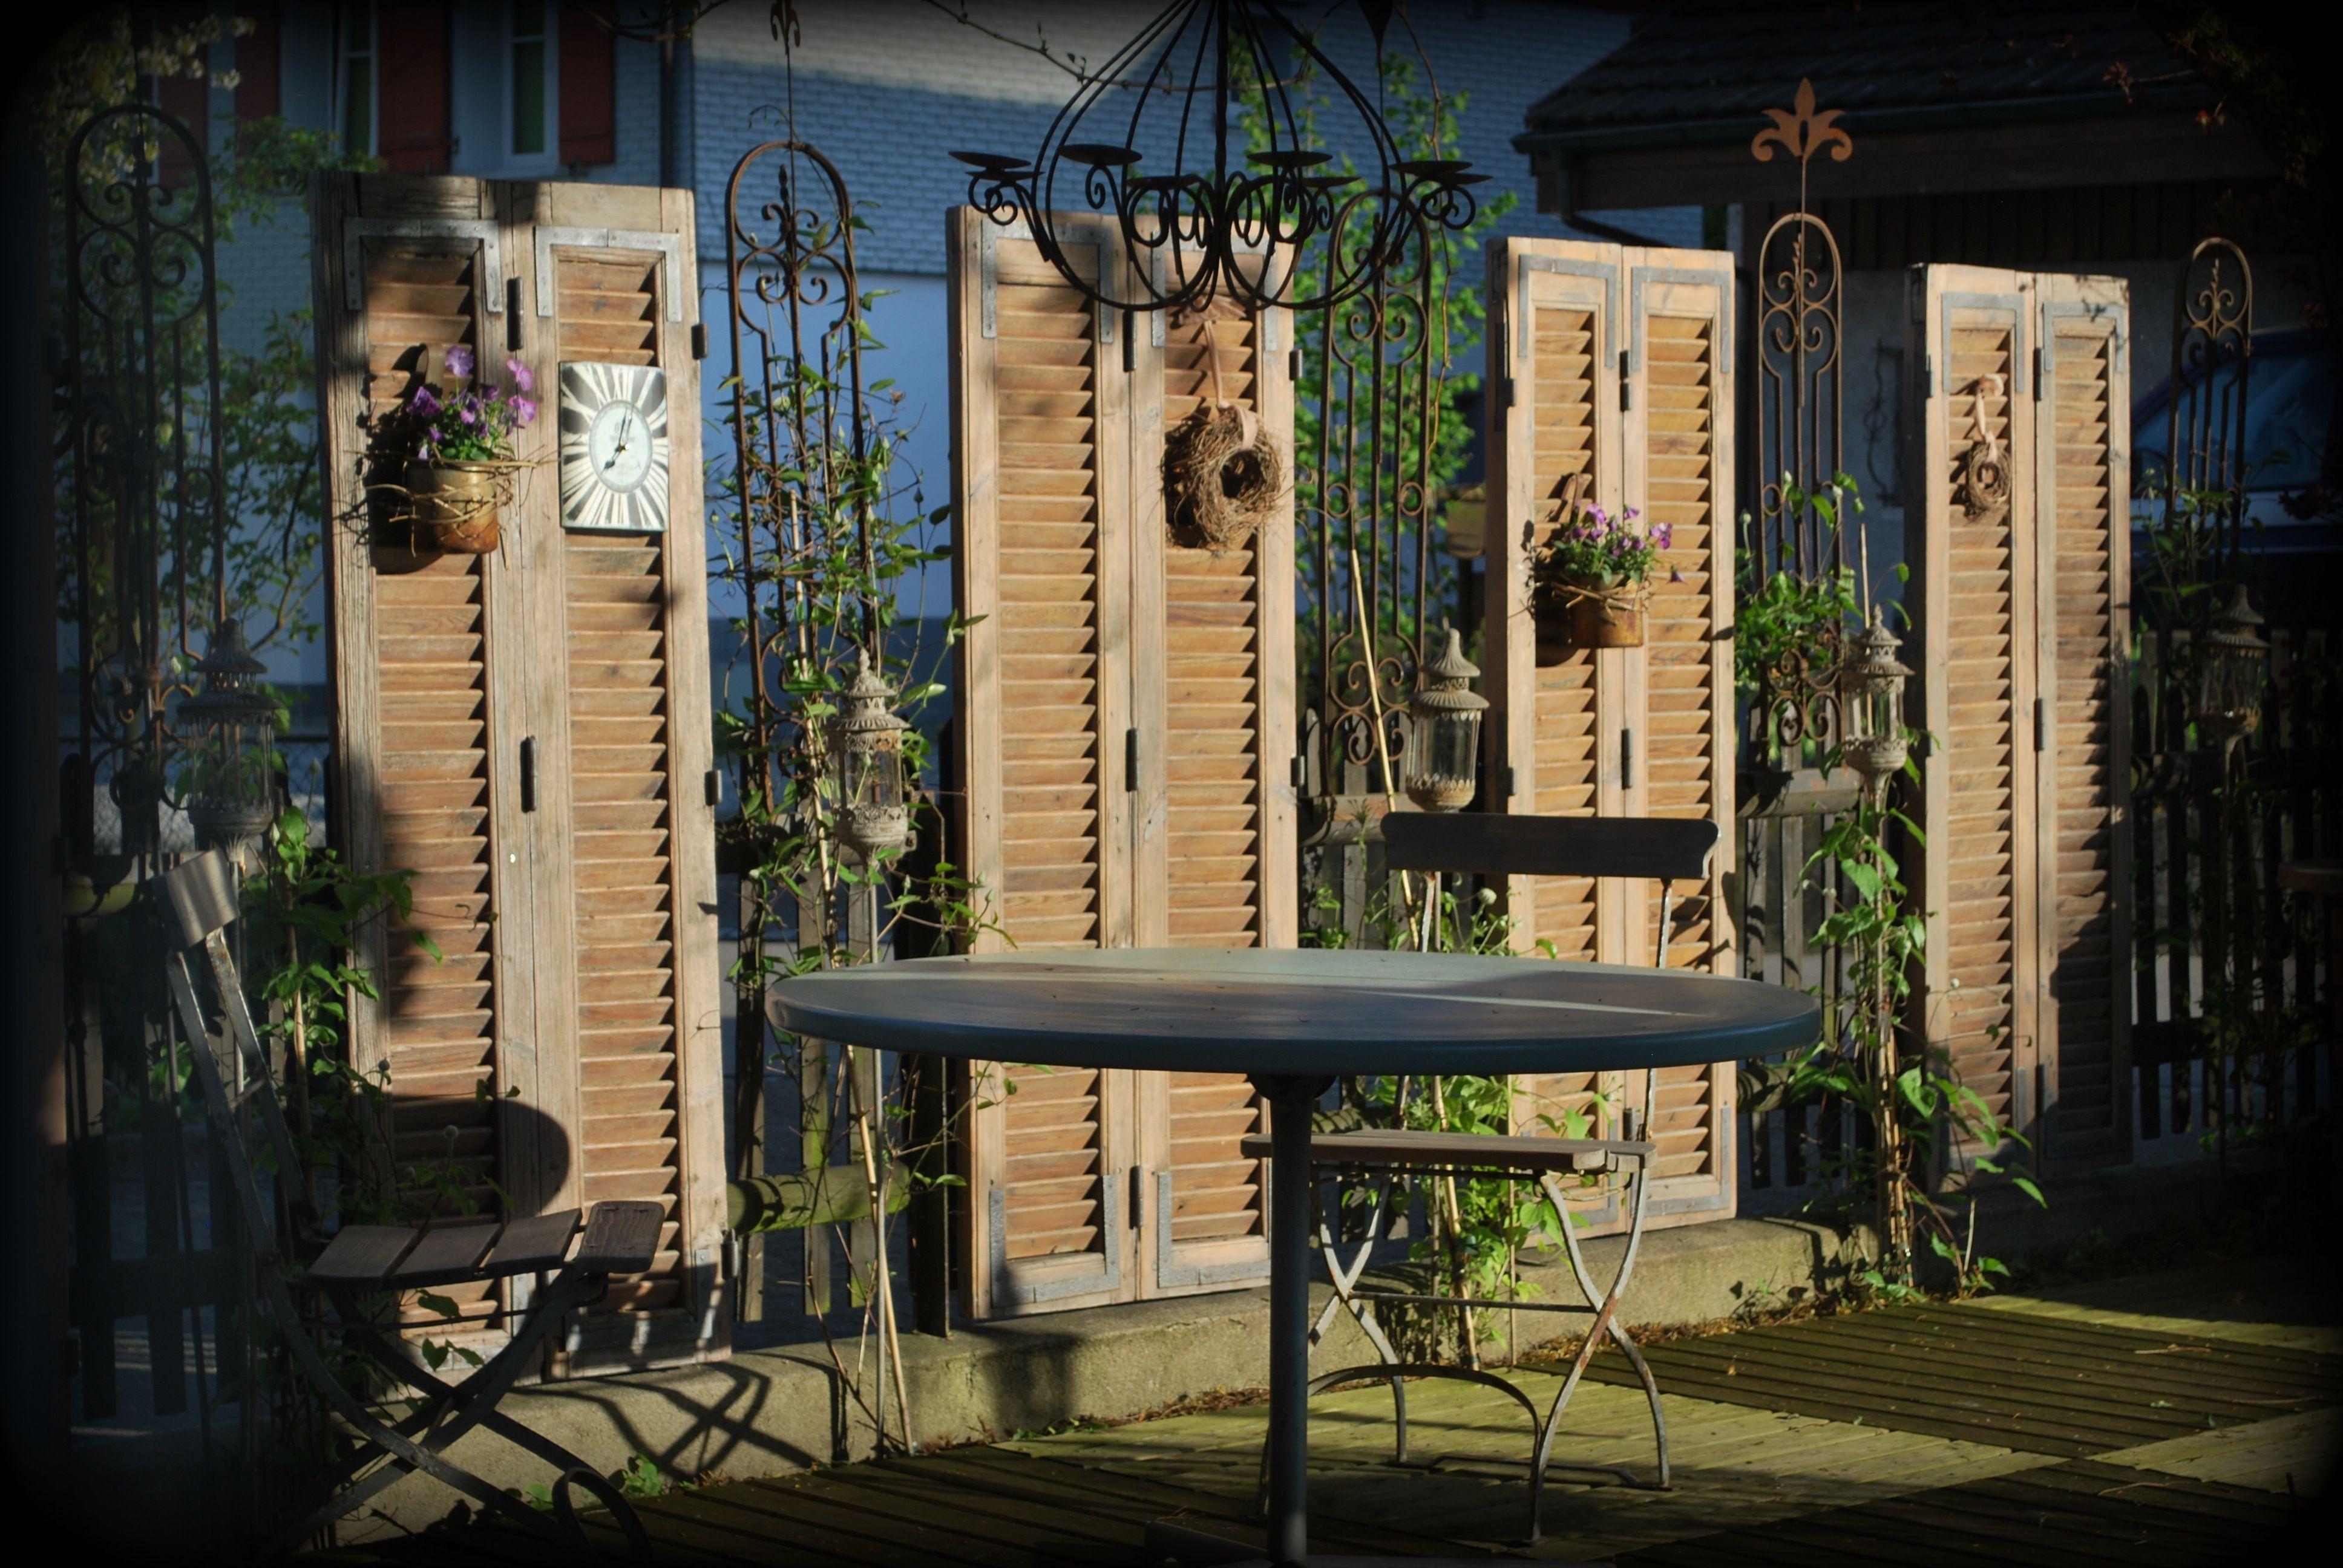 Sichtschutz Und Deko Mit Alten Fensterladen Fensterladen Gartengestaltung Alte Fensterladen